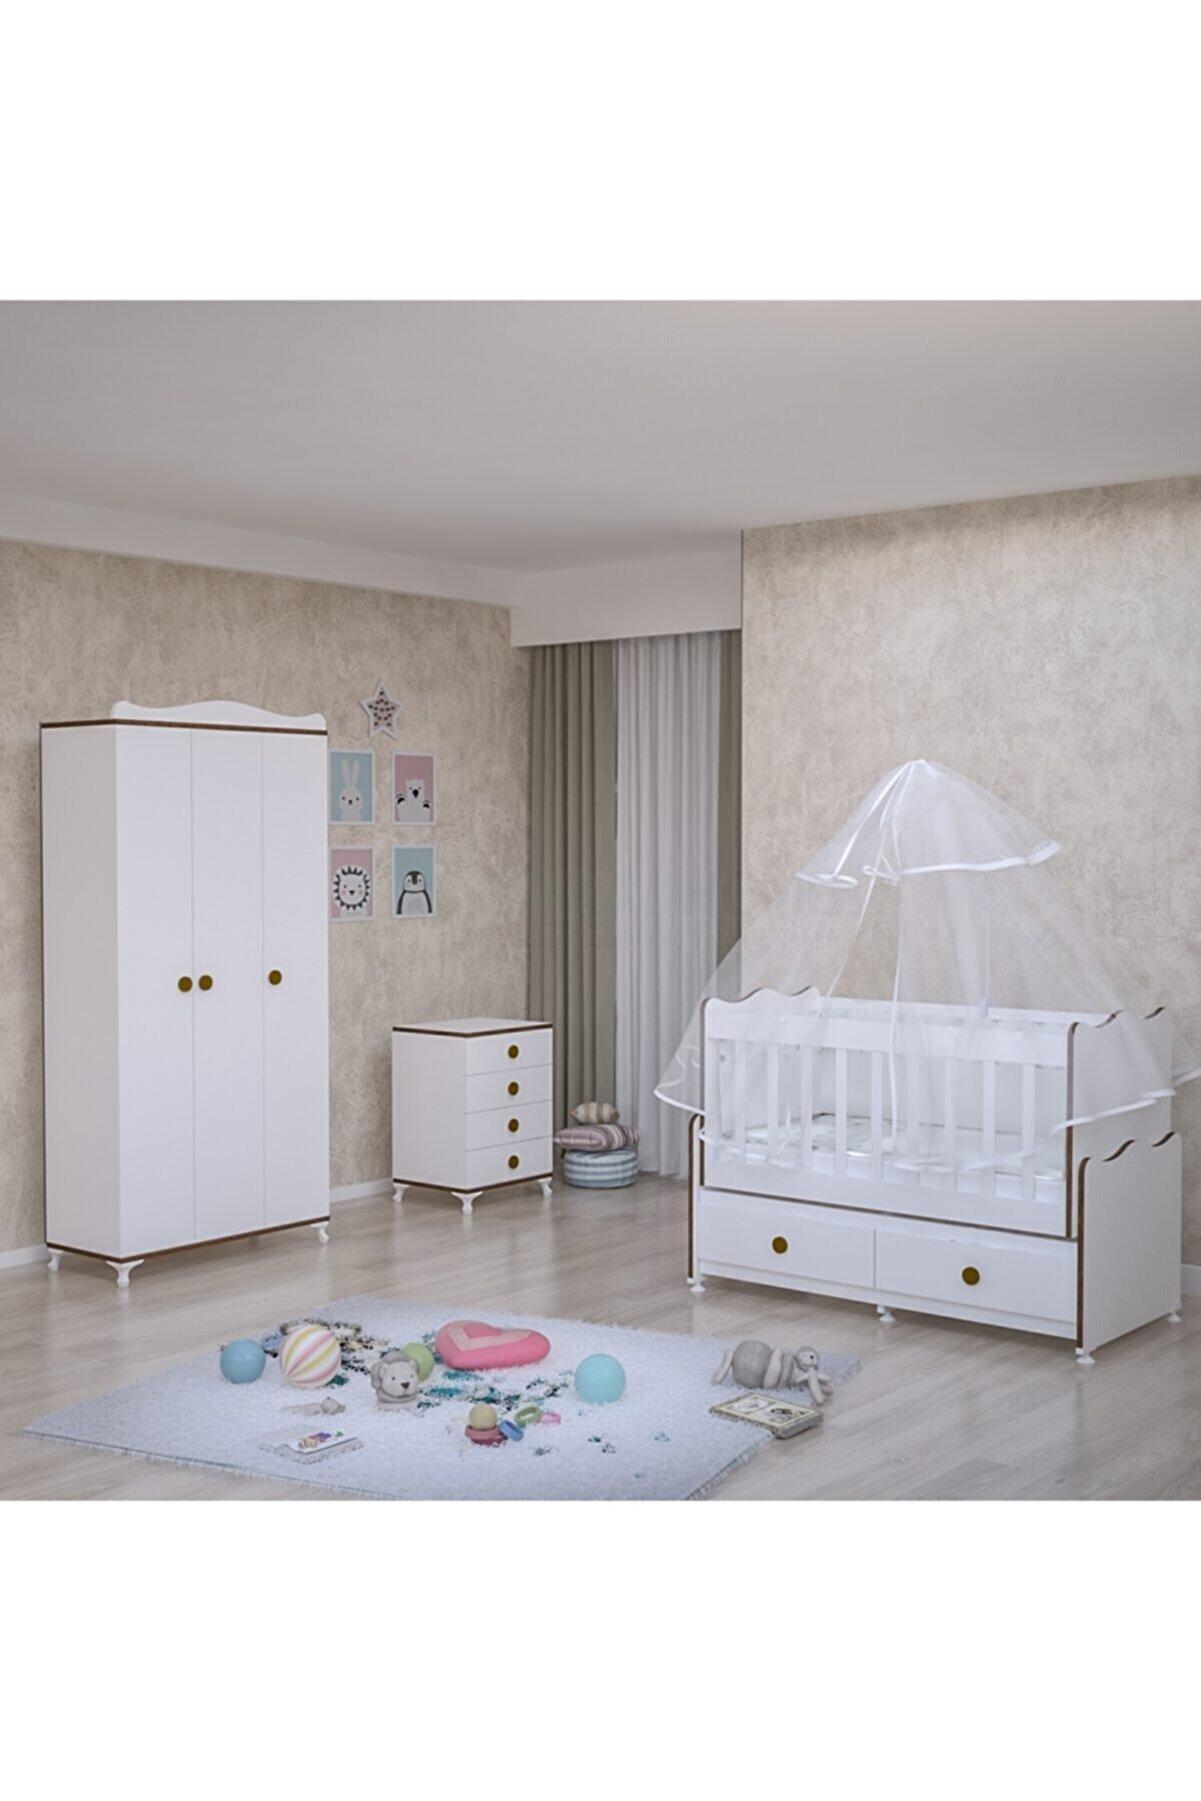 Garaj Home Elegant Yıldız 3 Kapaklı Bebek Odası Takımı - Yatak Ve Uyku Seti Kombinli-sümela